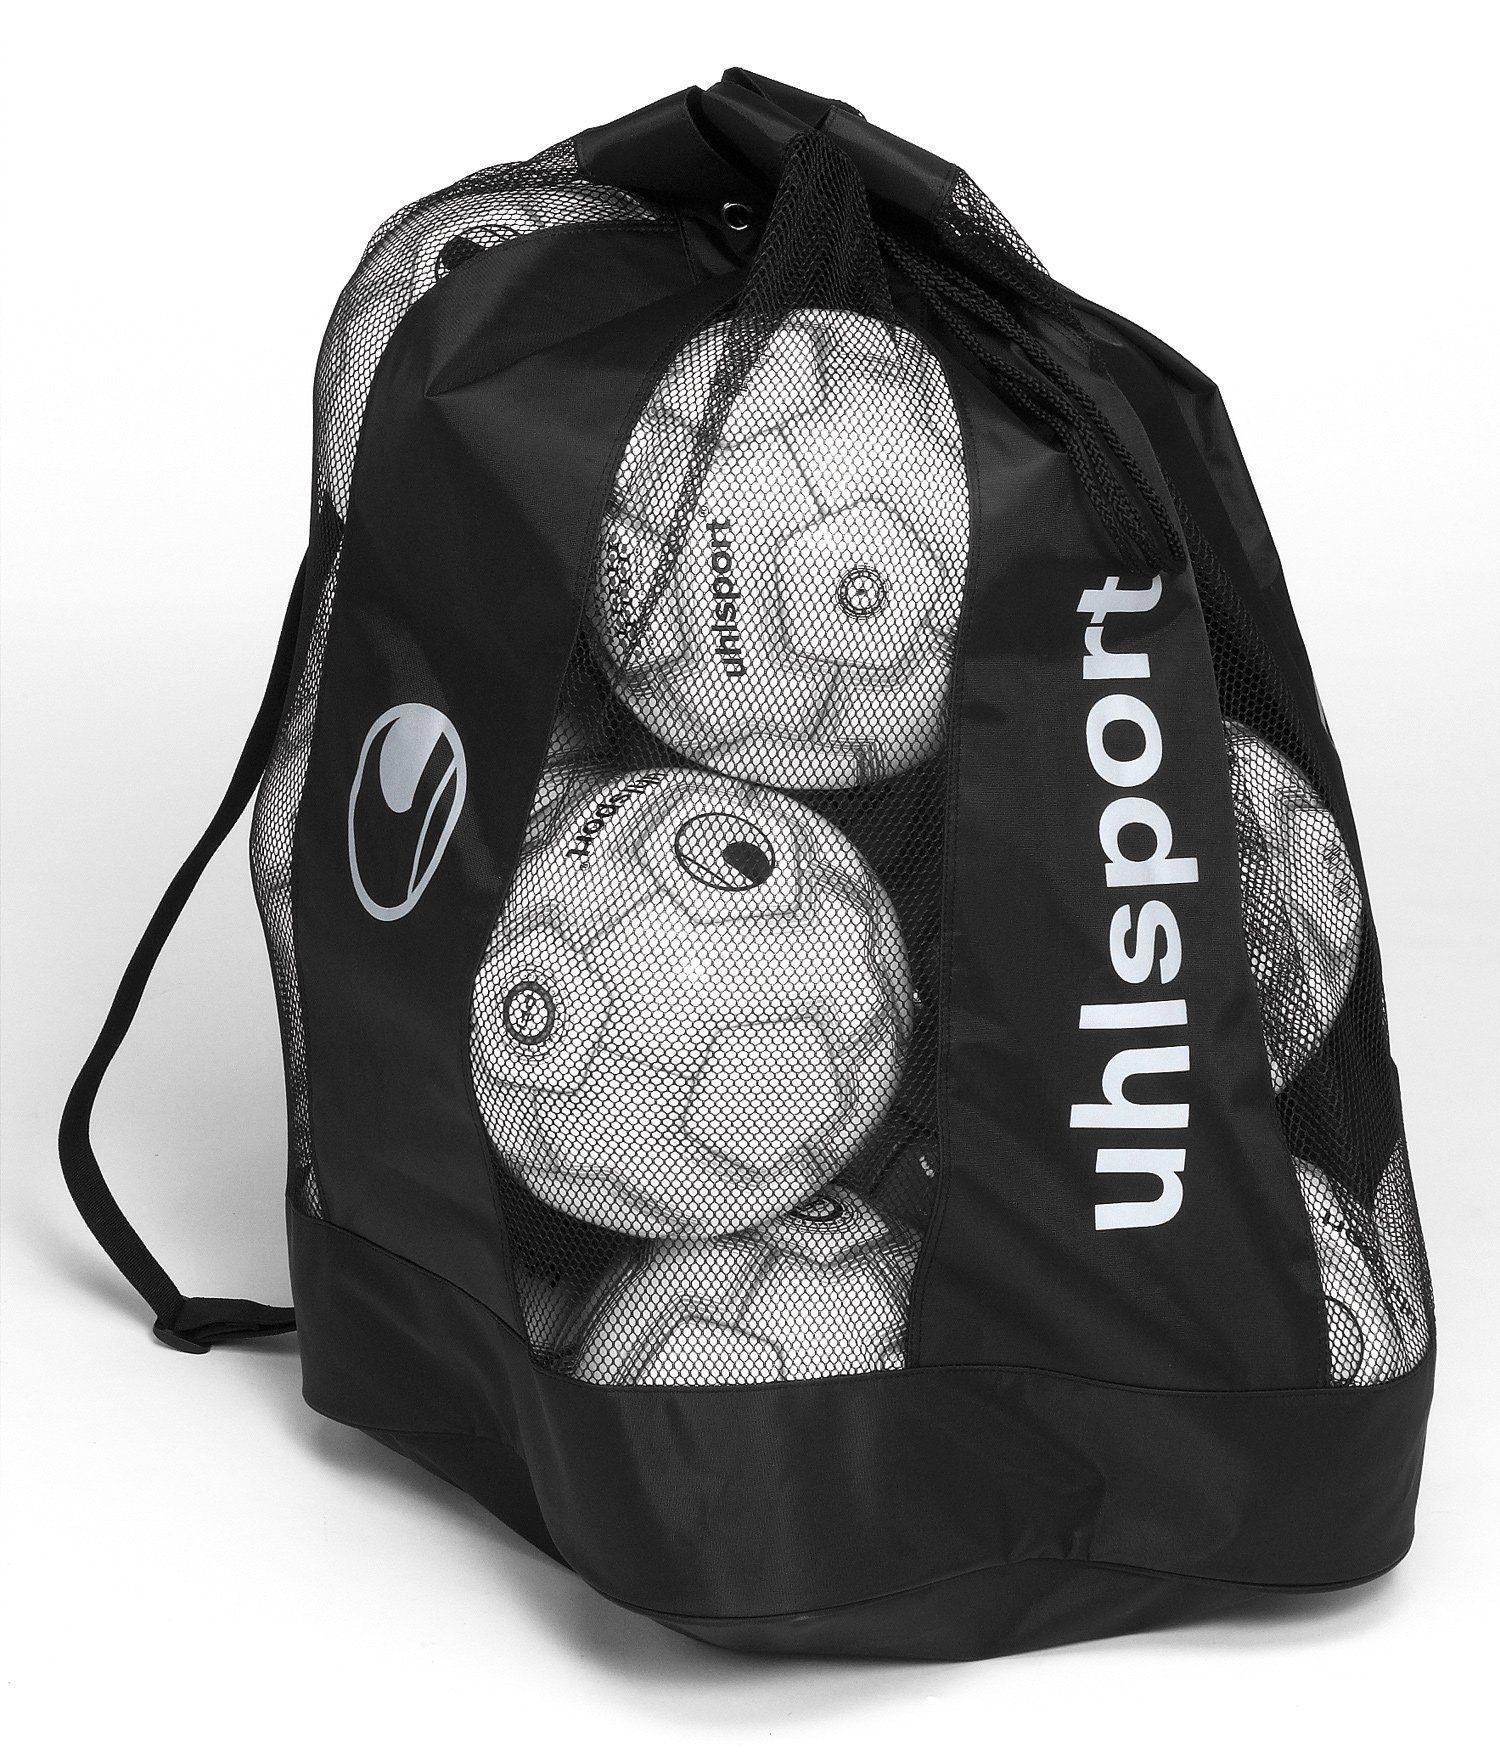 Uhlsport Ballsack für 10 Bälle